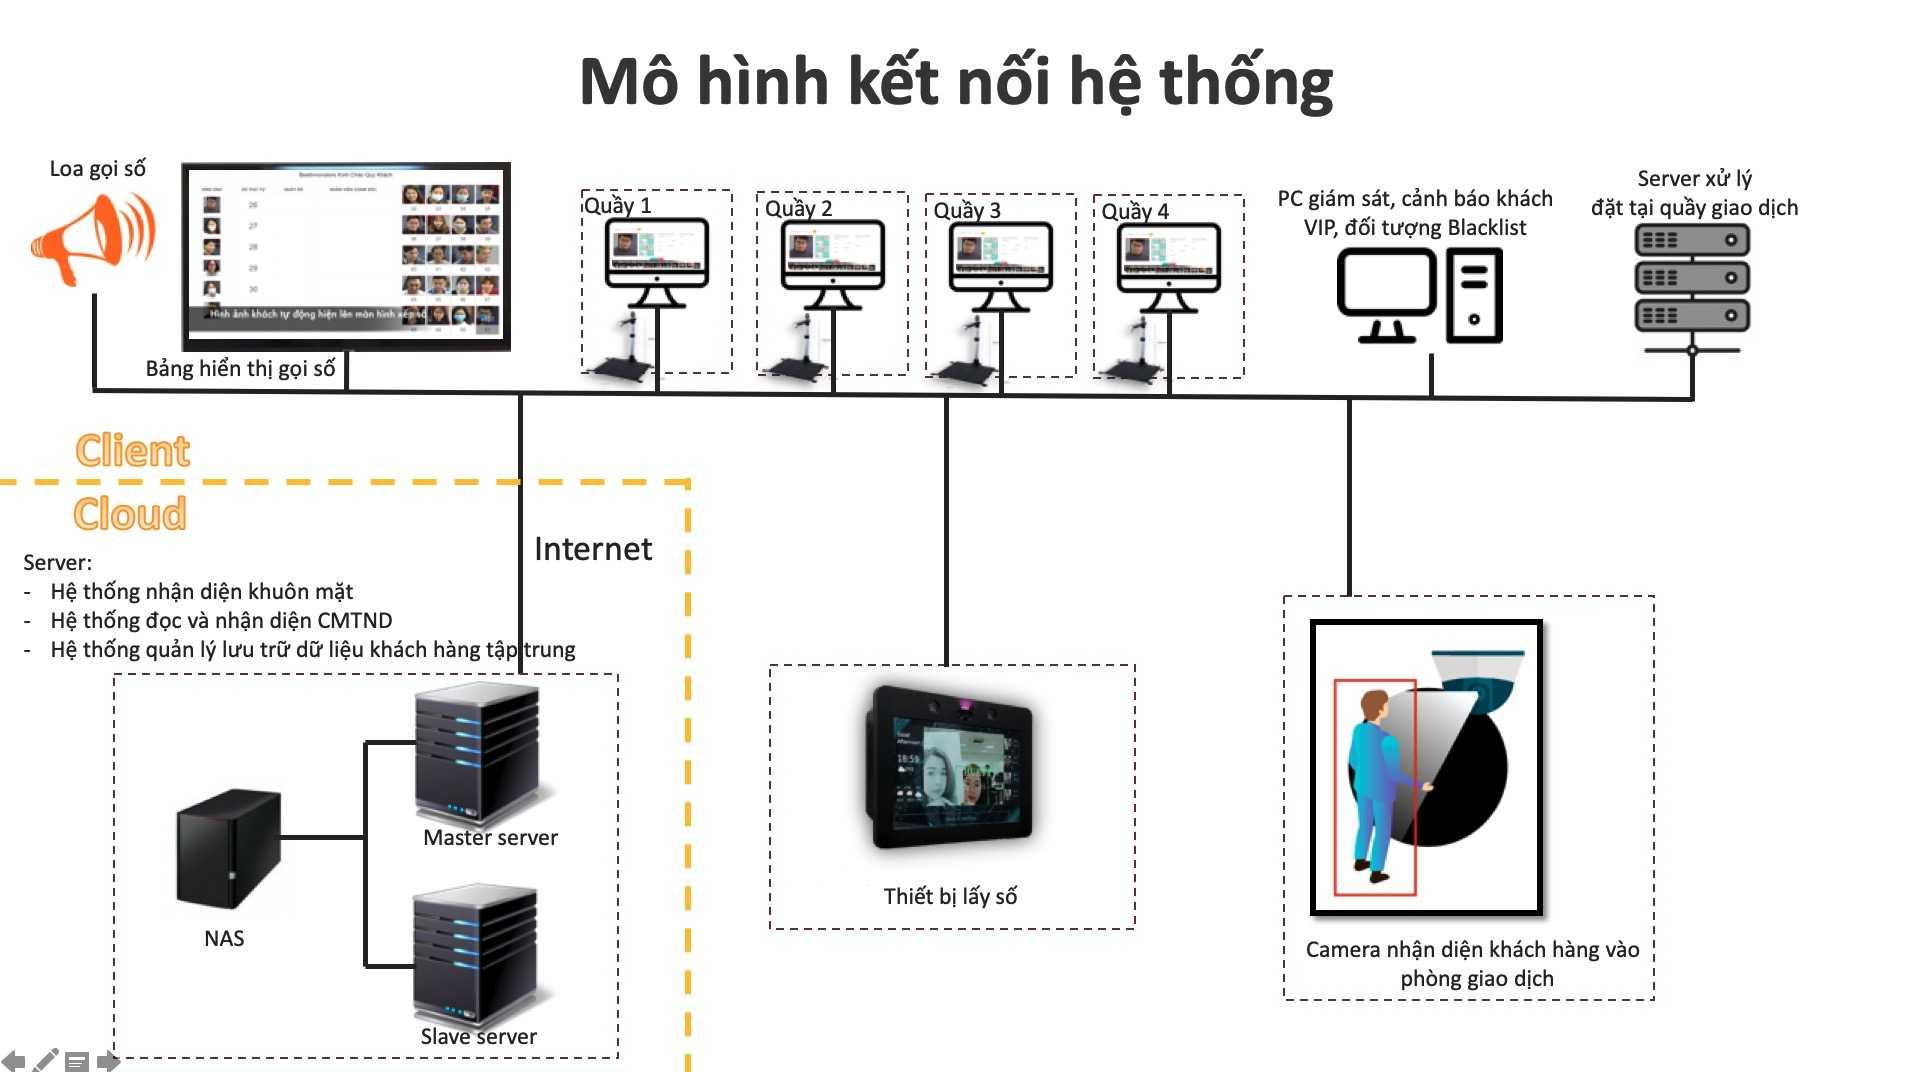 Mo Hinh Biqueue